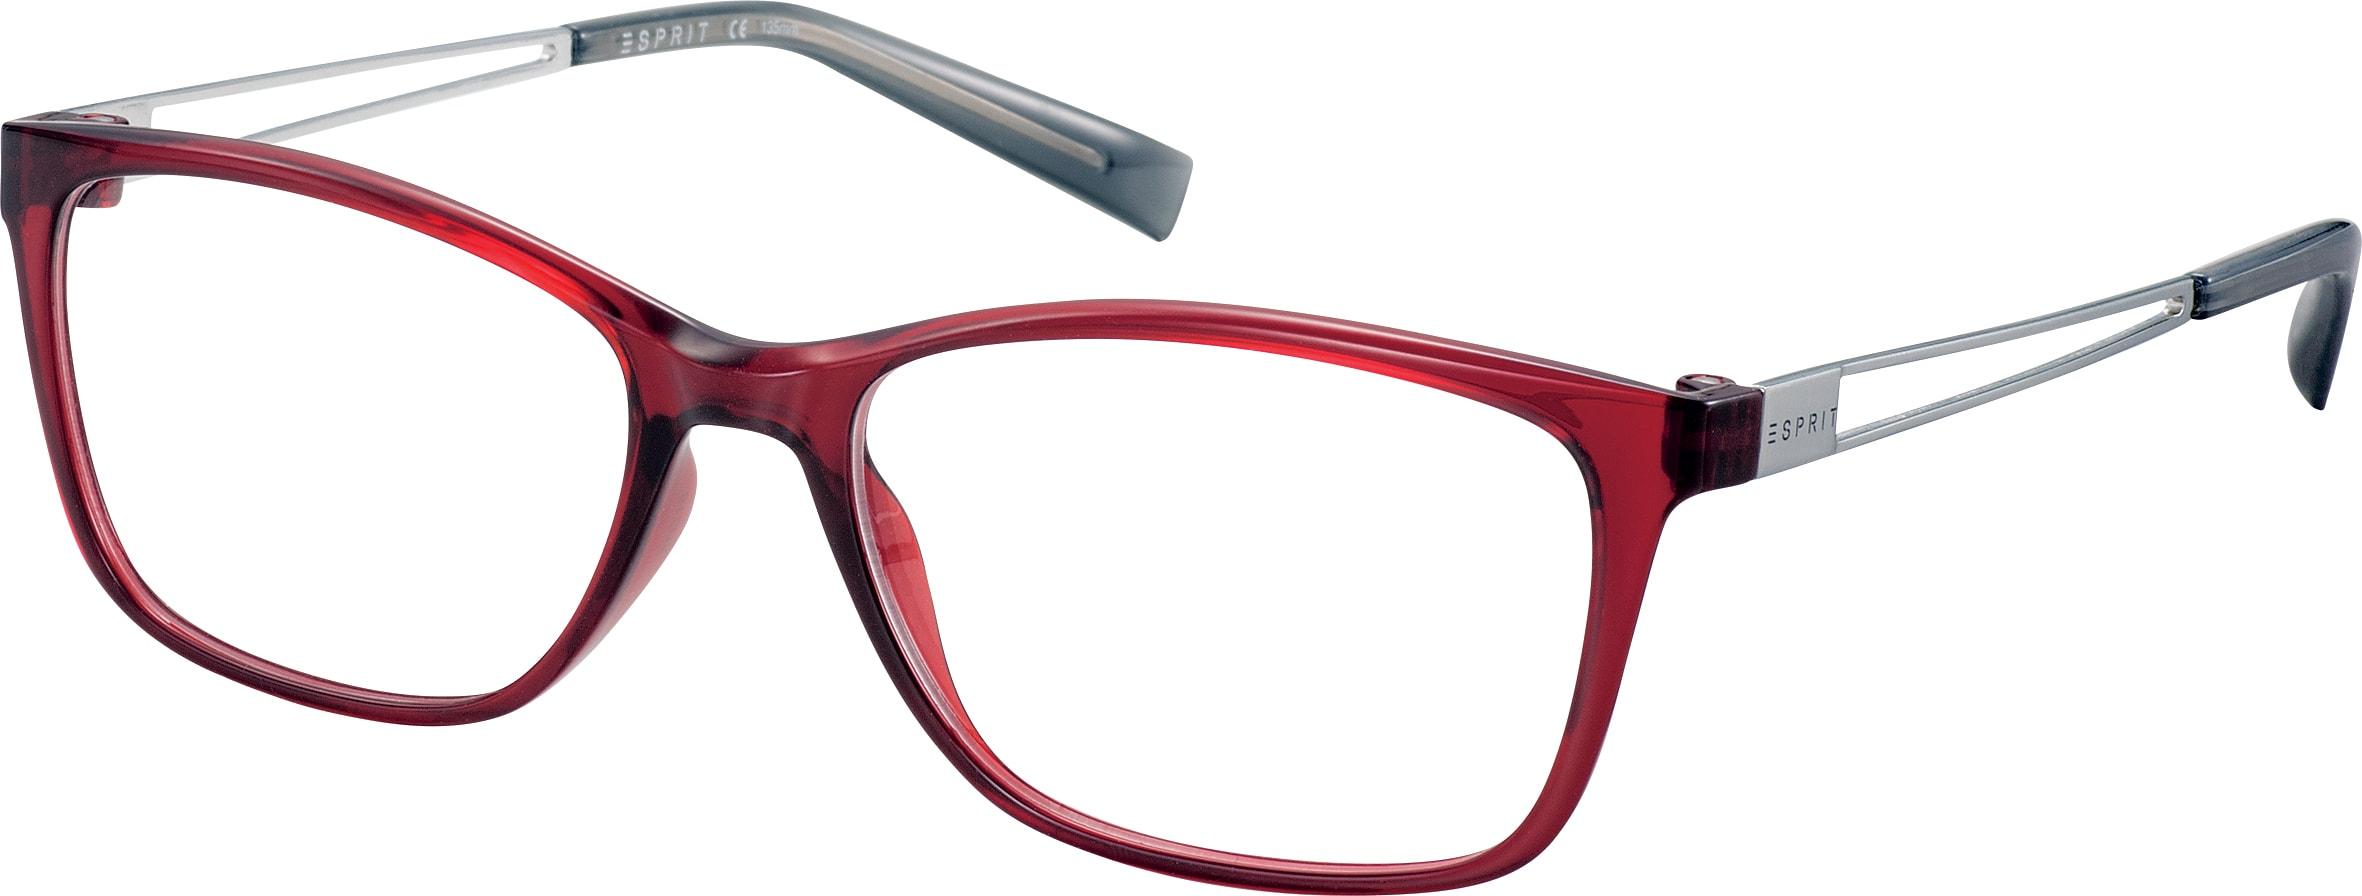 Esprit Damen Brille » ET17562«, rot, 531 - rot